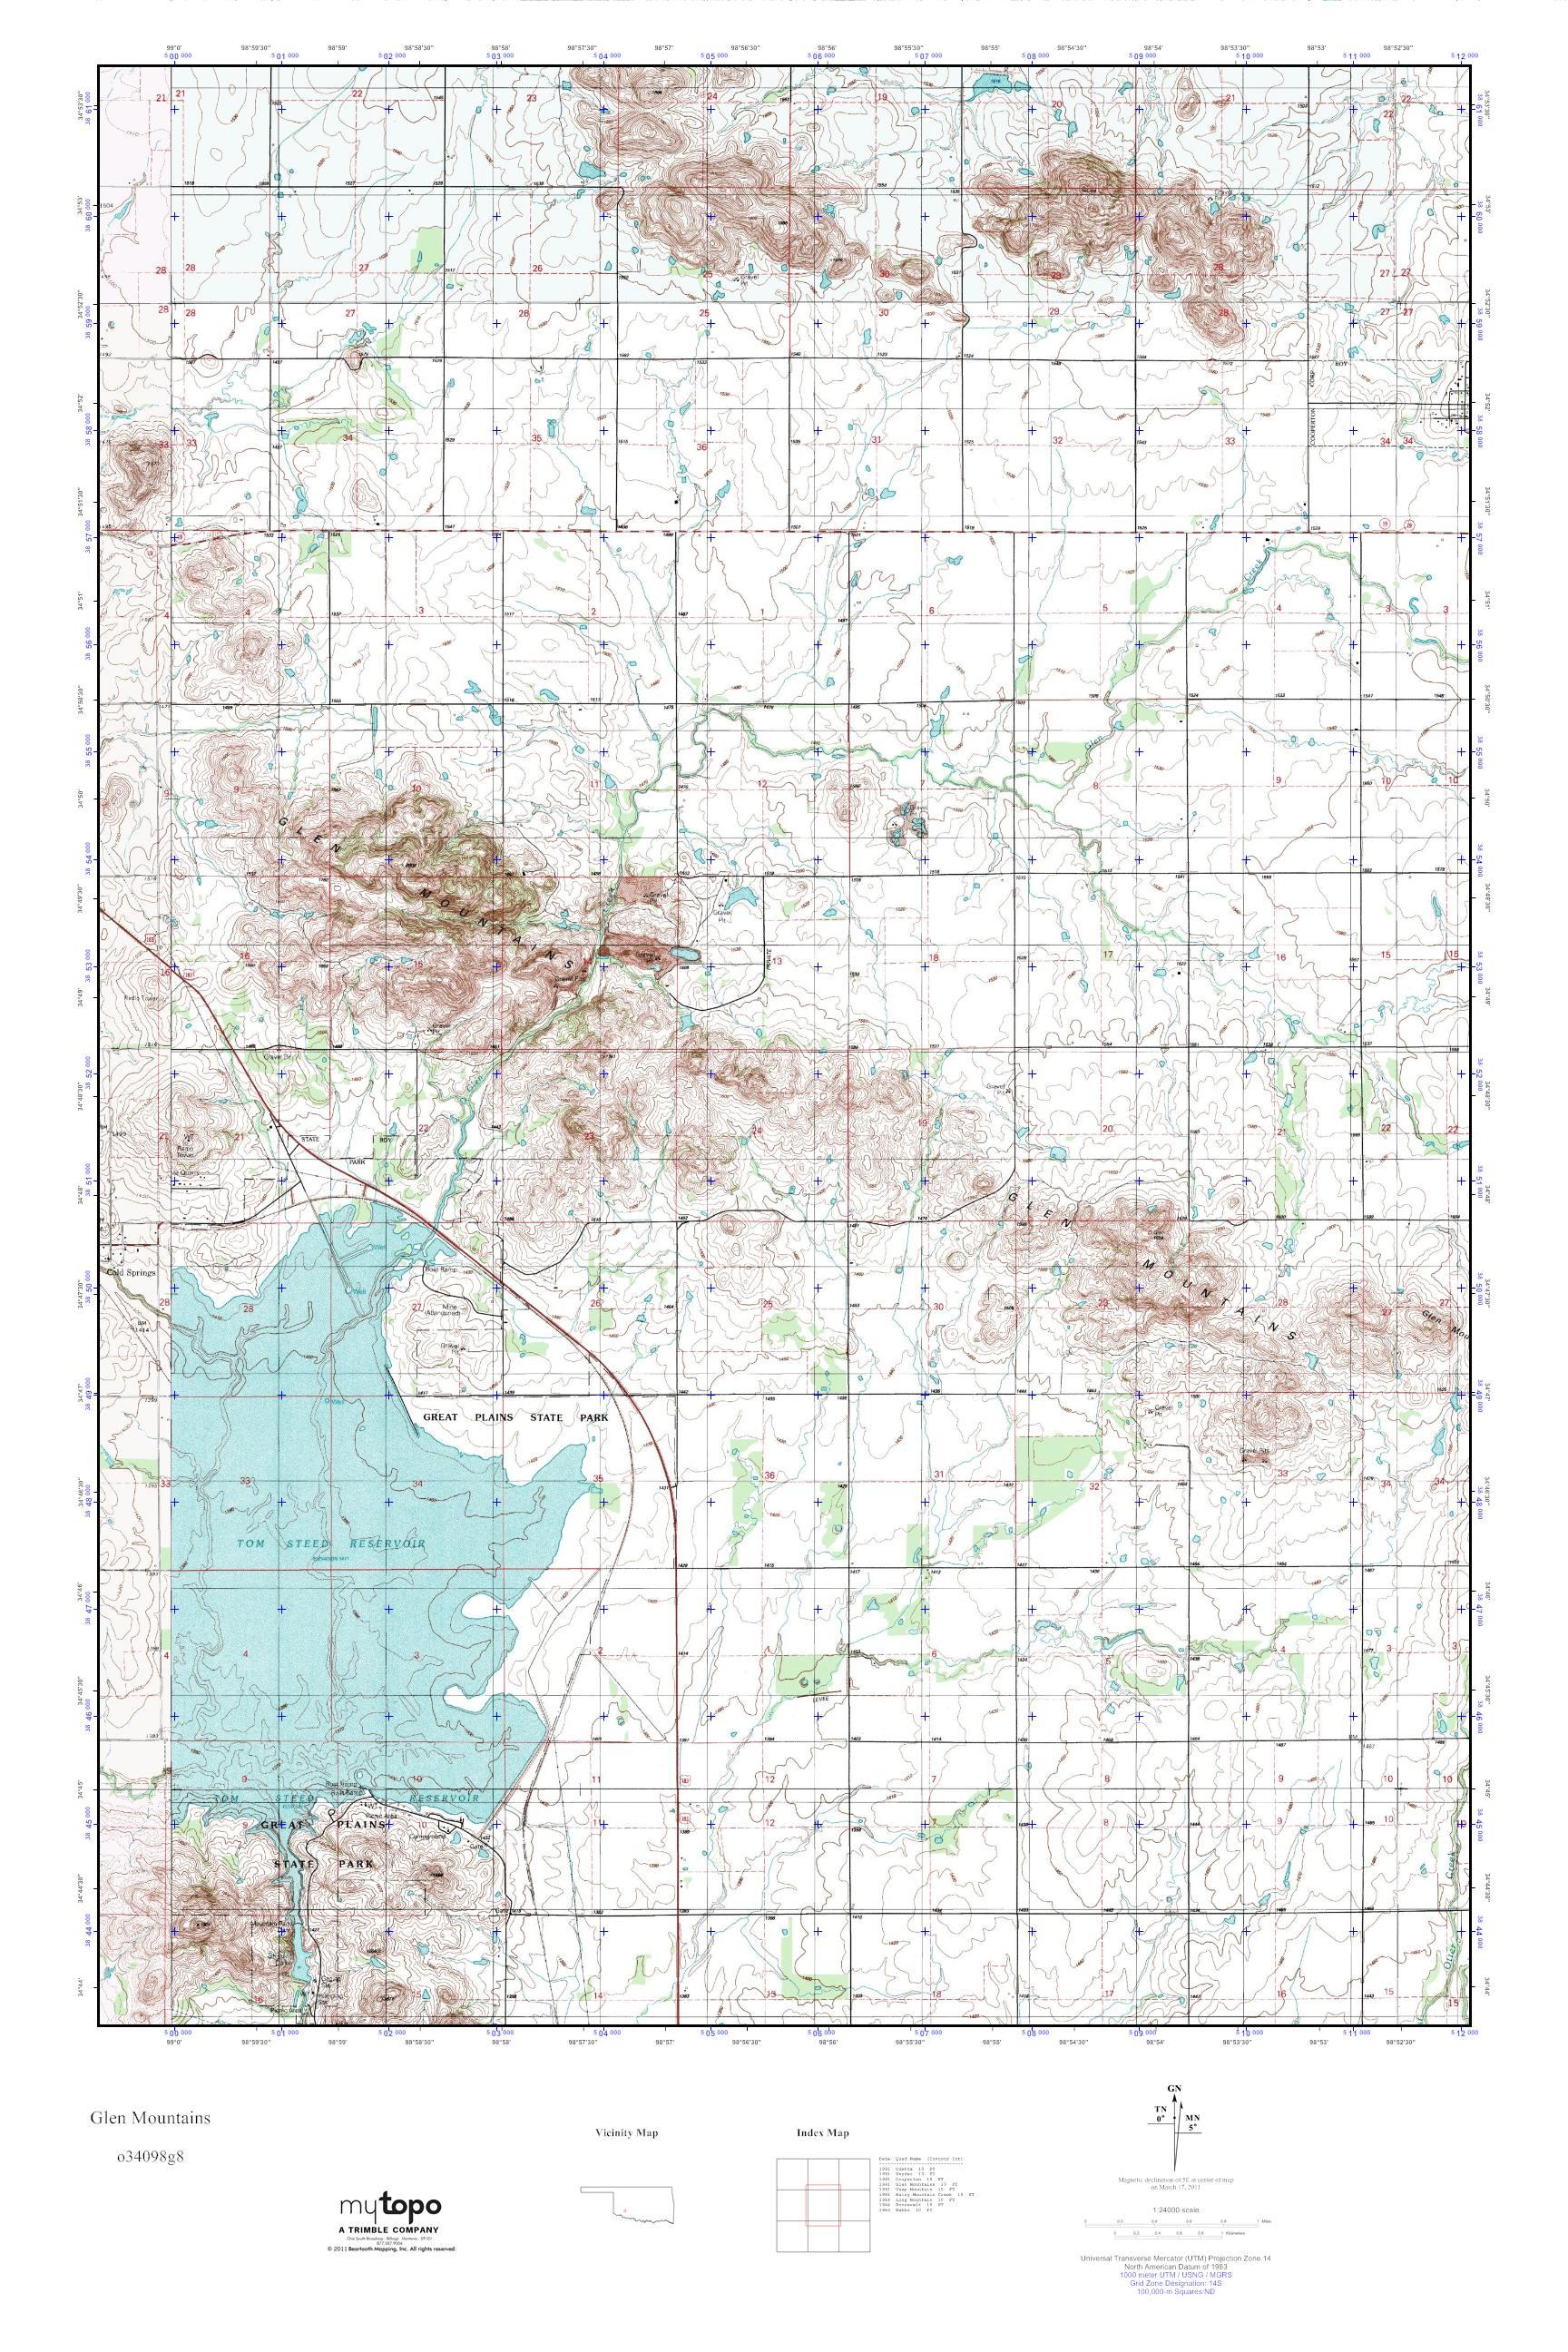 Mountains In Oklahoma Map.Mytopo Glen Mountains Oklahoma Usgs Quad Topo Map